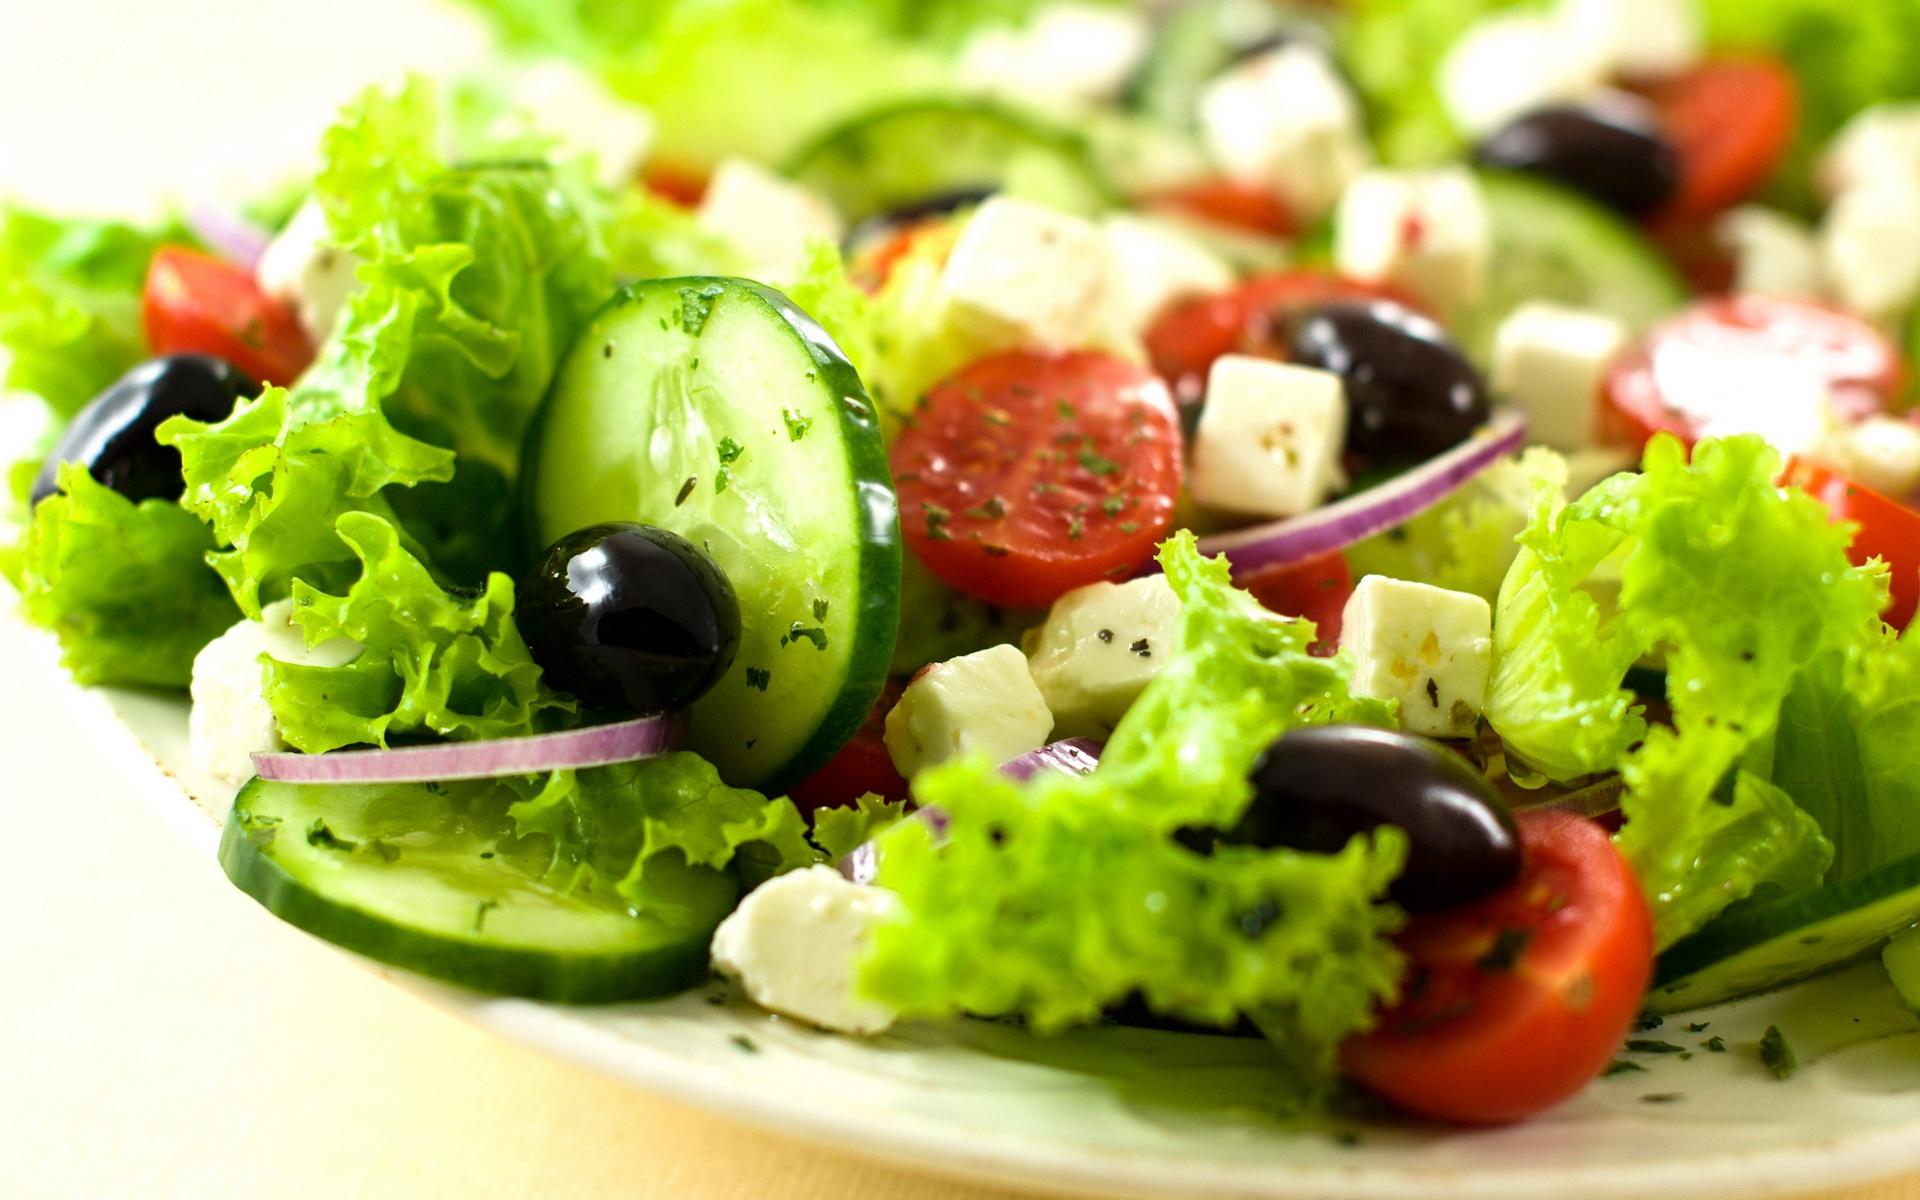 Salad Pics, Food Collection